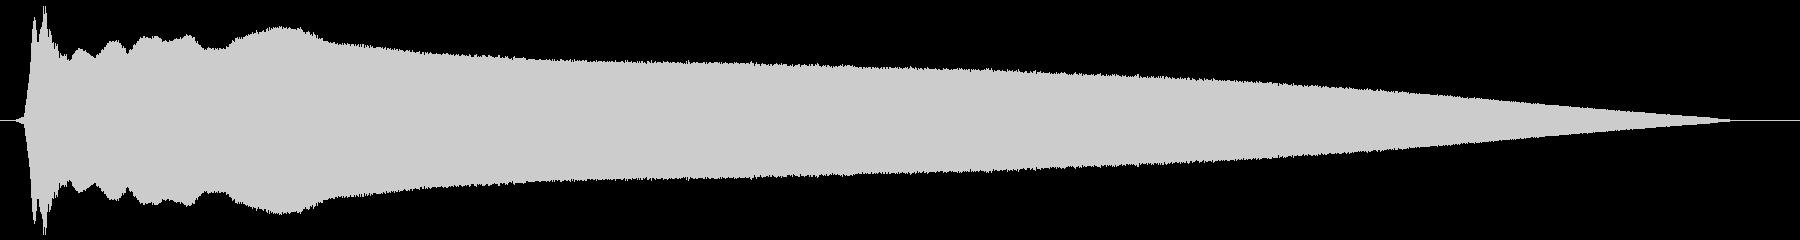 レゲエホーン (強く、長め)の未再生の波形